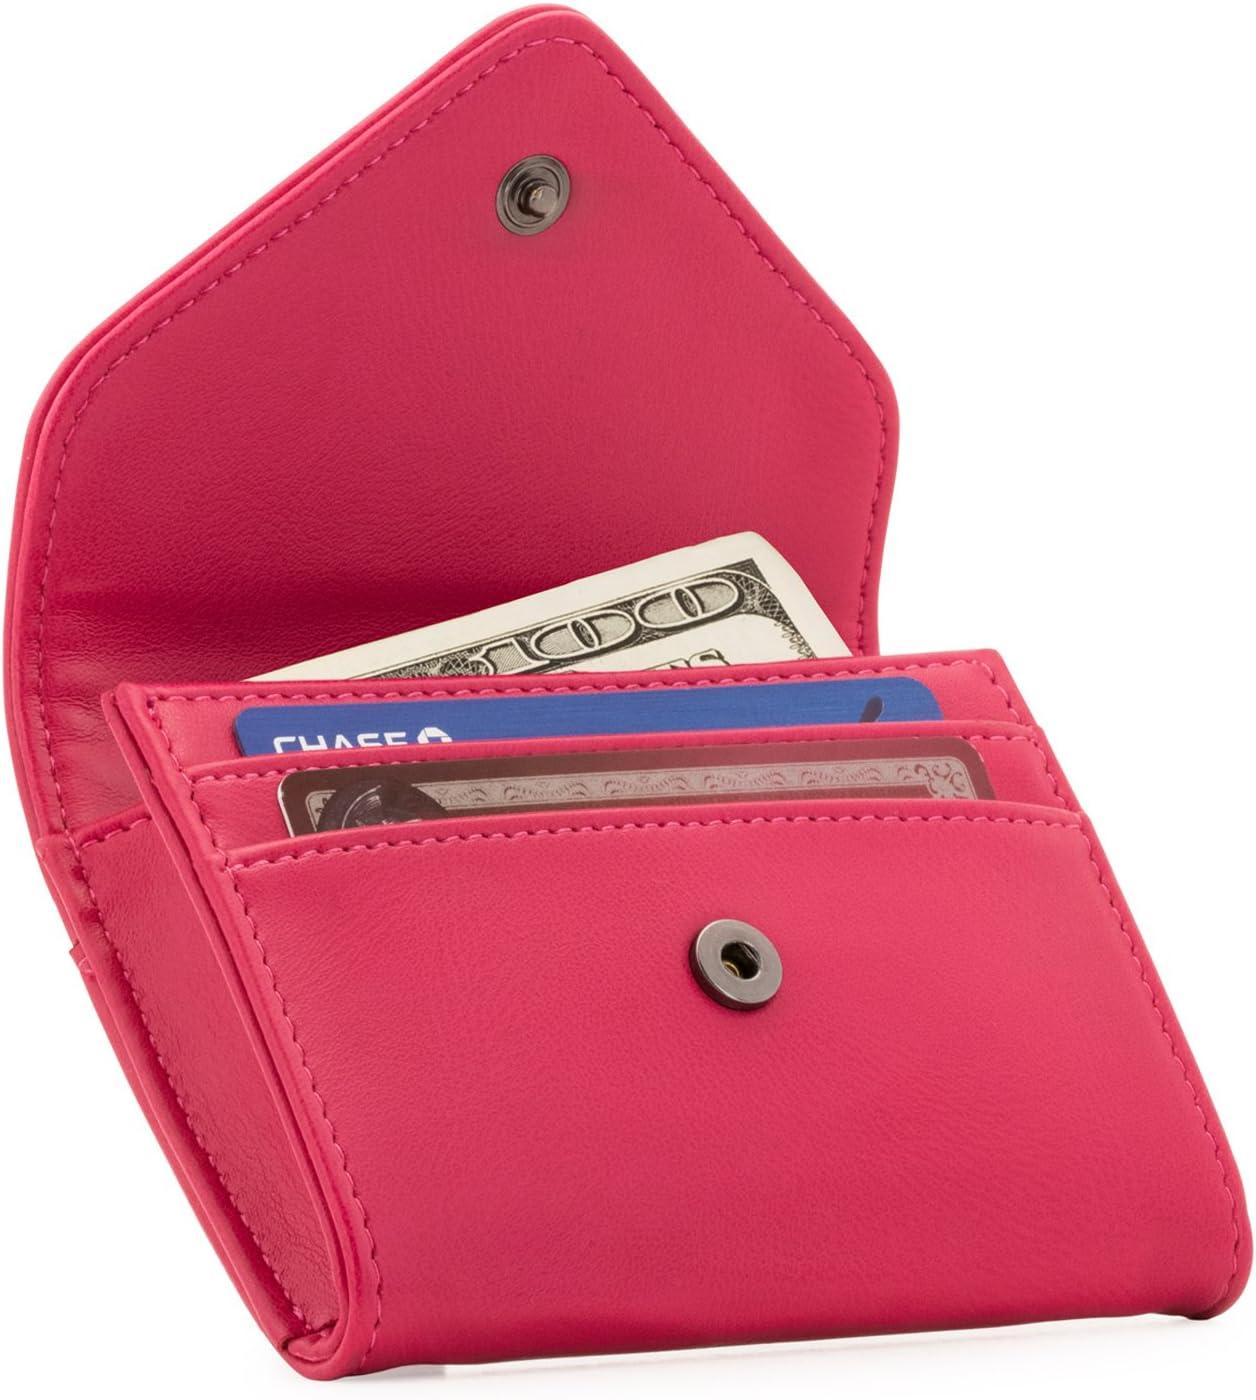 Otto Angelino - Monedero y Organizador de Tarjetas de crédito de Cuero - Bloqueo RFID - Unisex (Rosado)